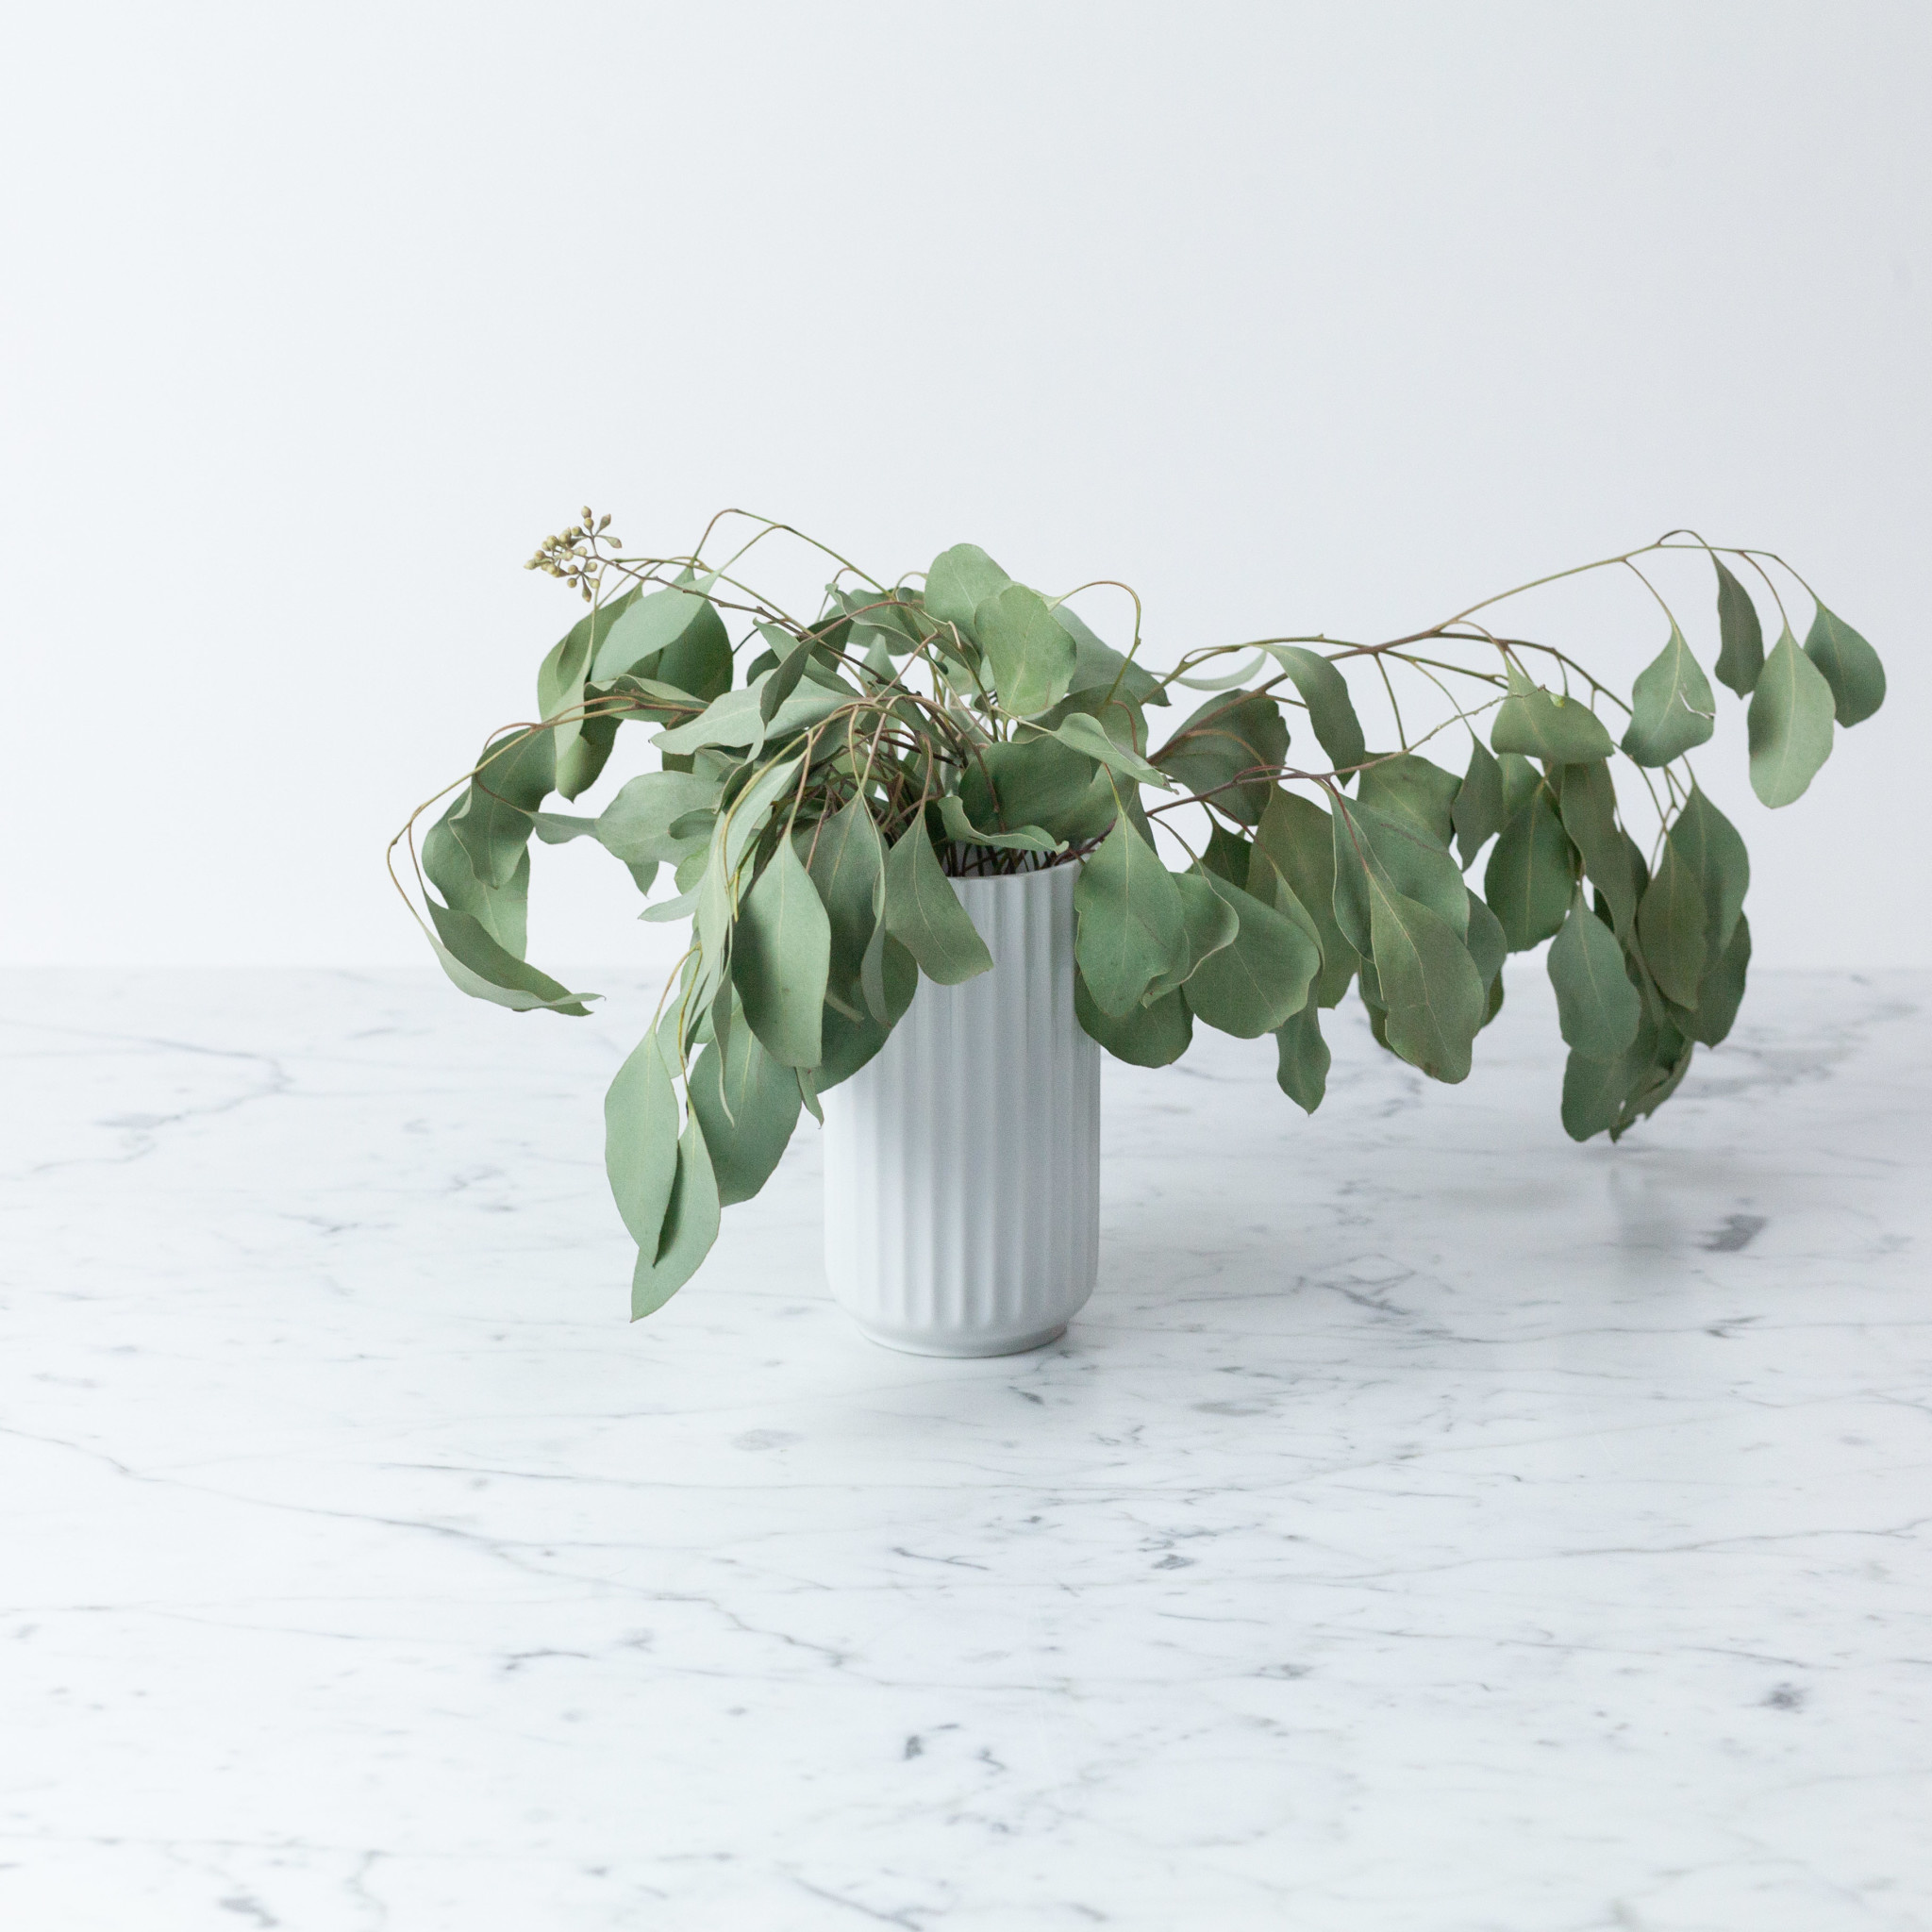 Lyngby Porcelain Lyngby Fluted Porcelain Vase - 12 cm - Glossy White